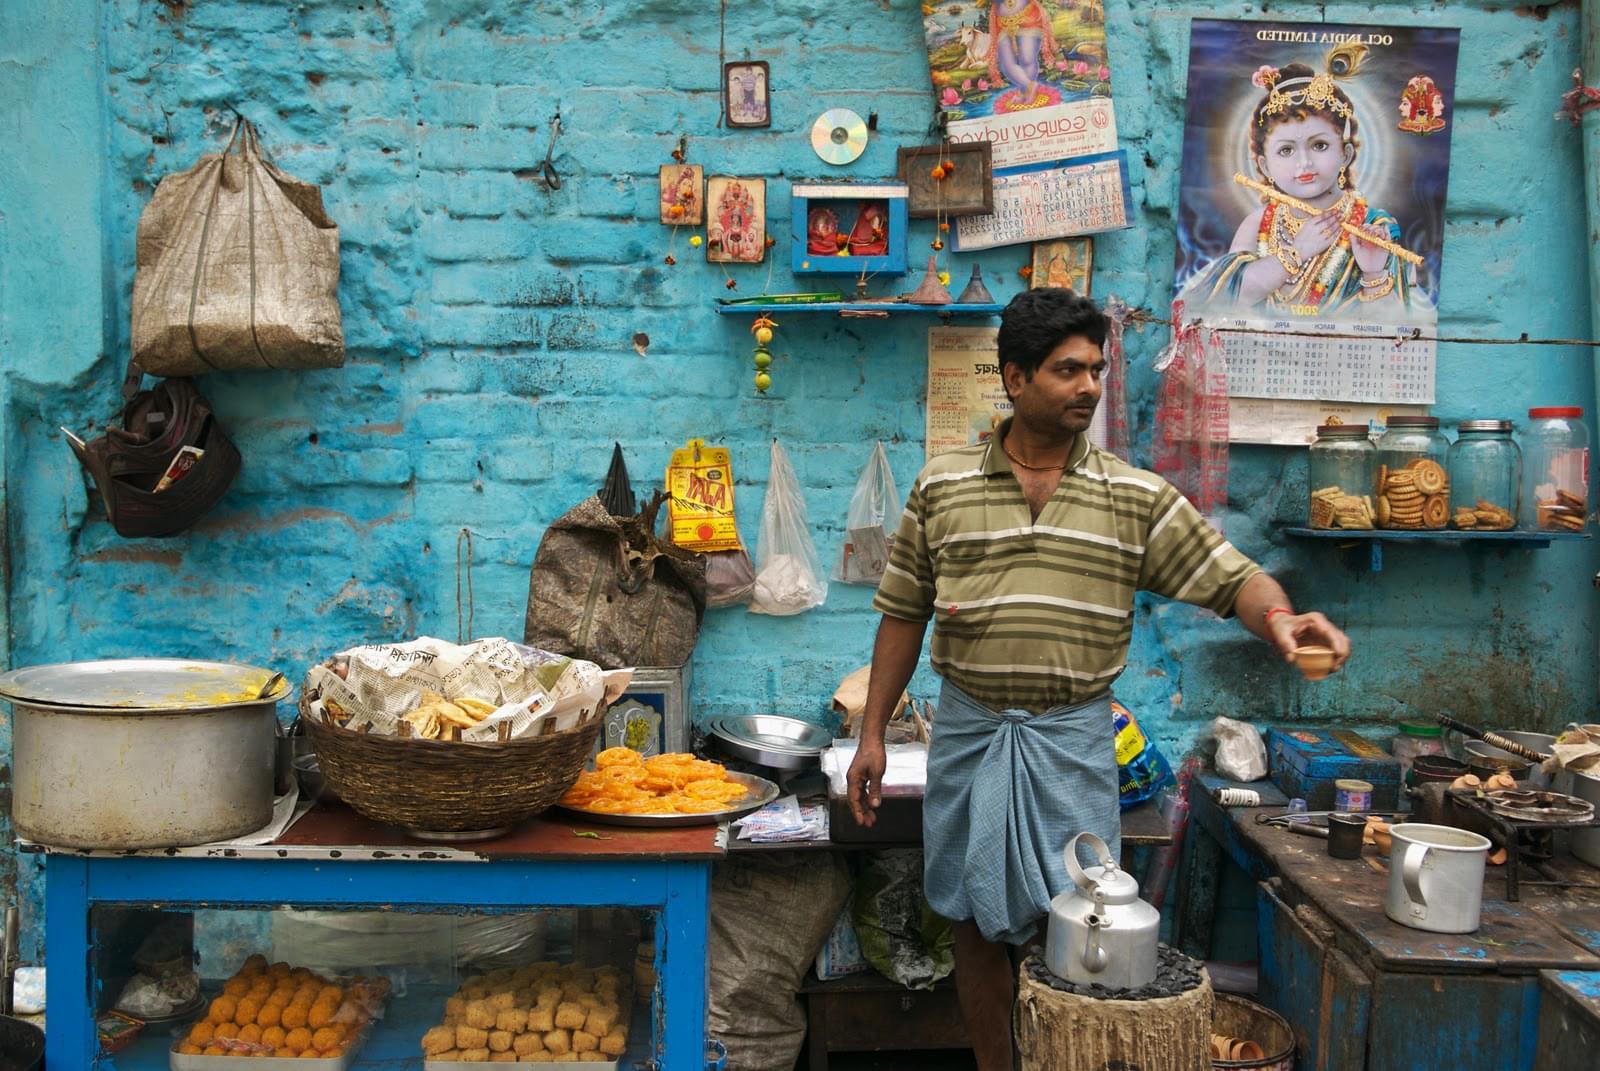 Photograph of an Indian street food vendor